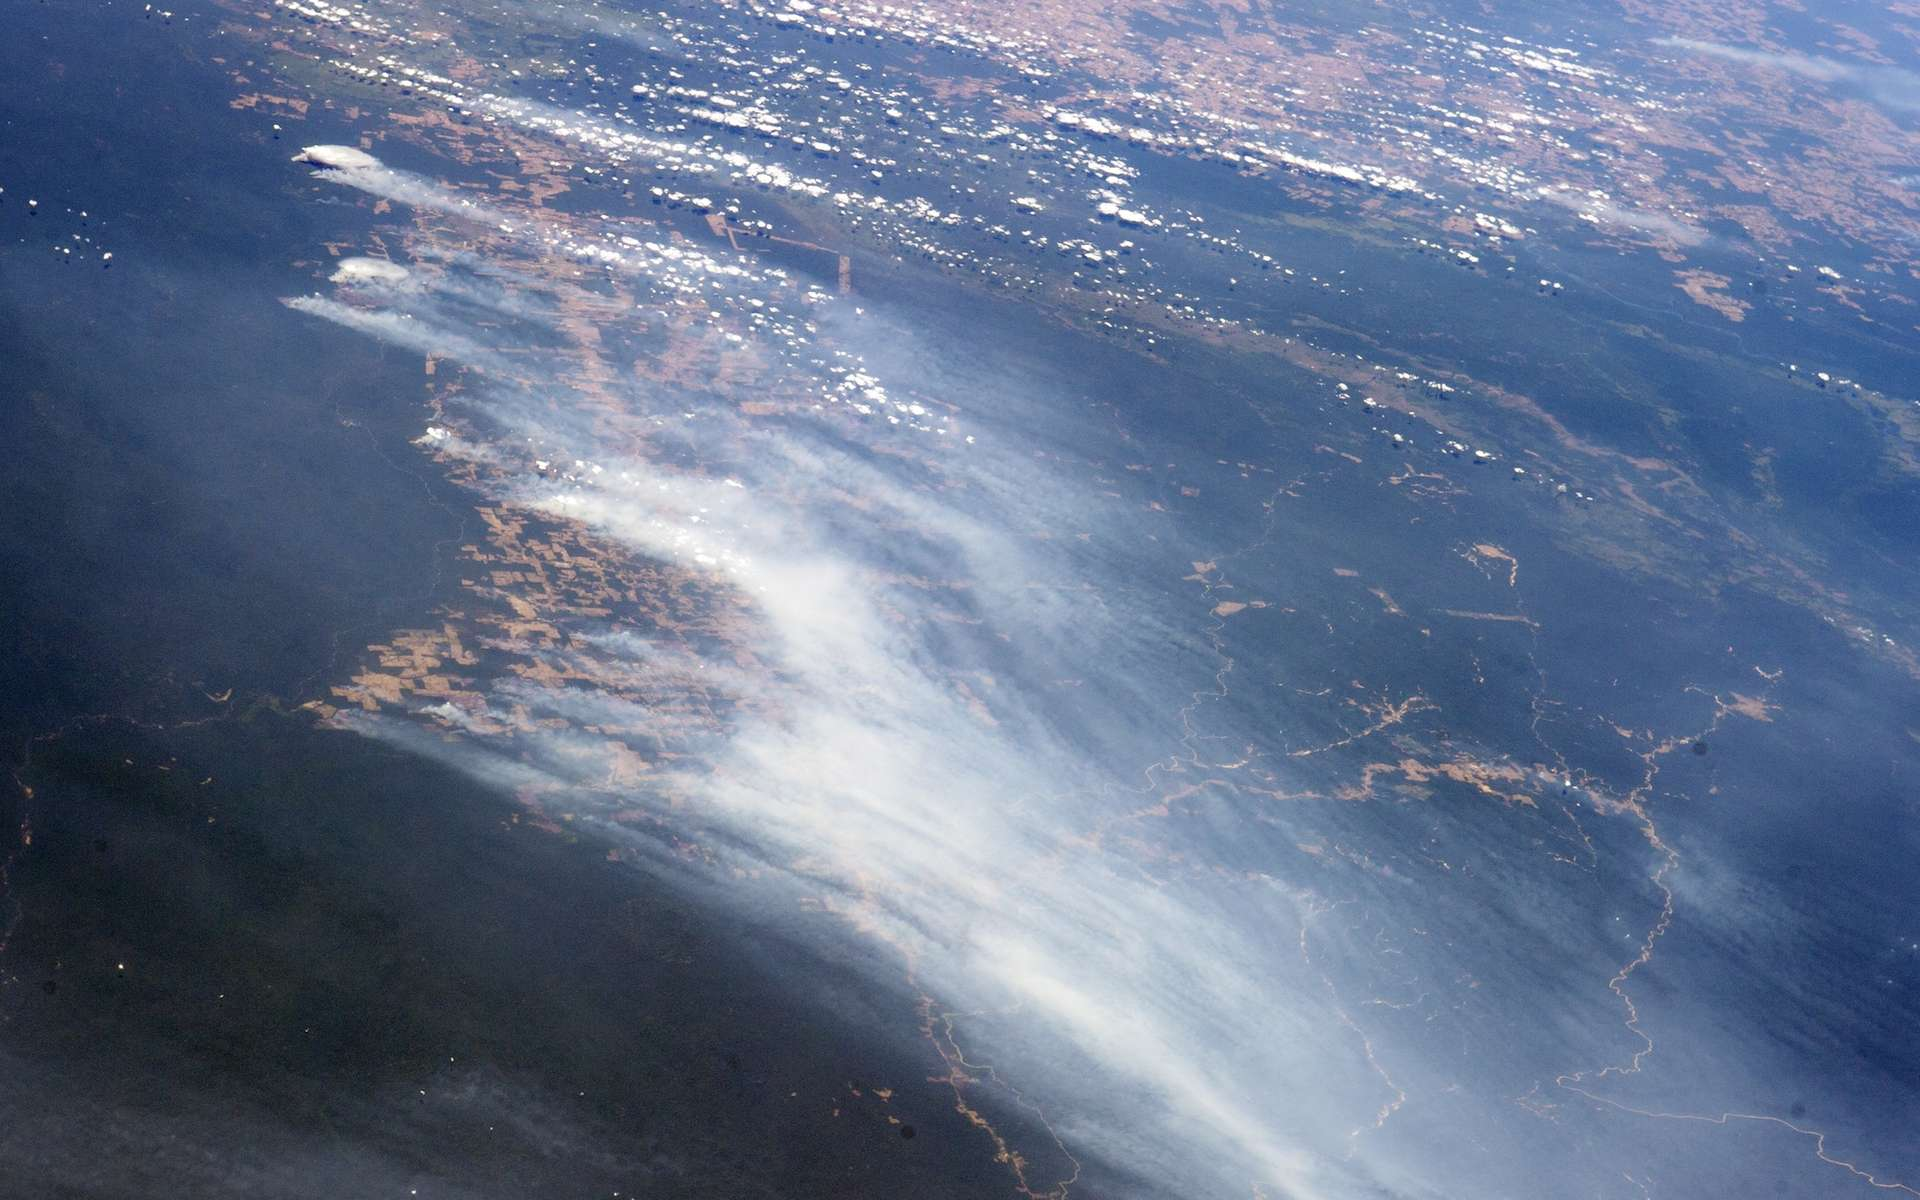 Incendies dans la région du Mato Grosso au Brésil, photographiés le 19 août 2014 depuis la Station spatiale internationale (ISS). © Nasa